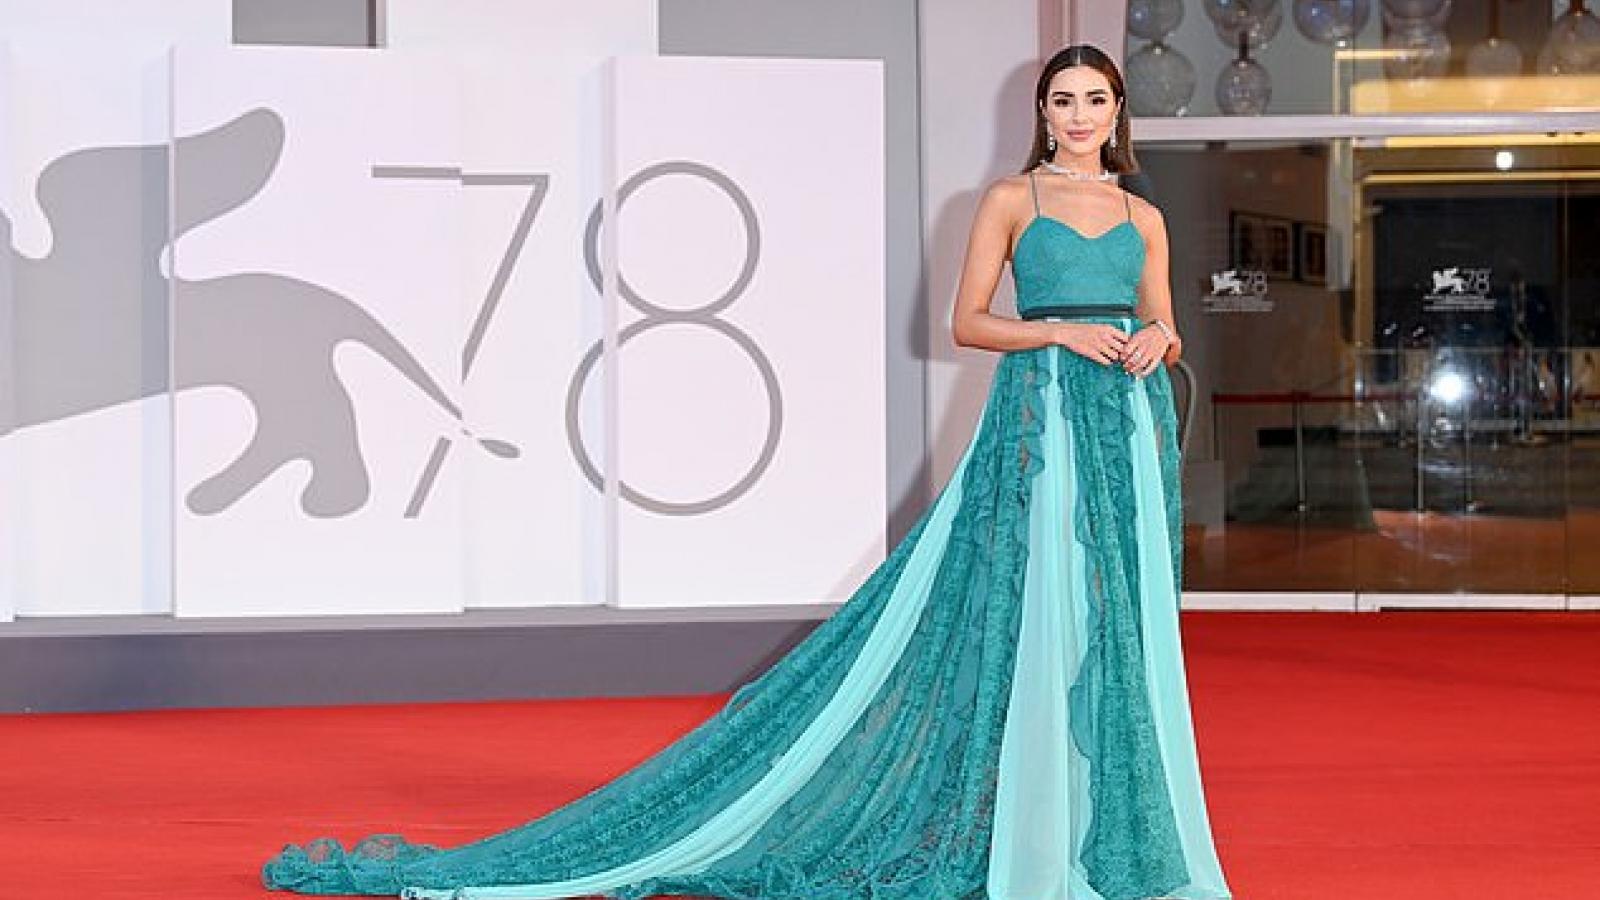 Hoa hậu Olivia Culpo đeo trang sức đắt giá tái xuất quyến rũ trên thảm đỏ